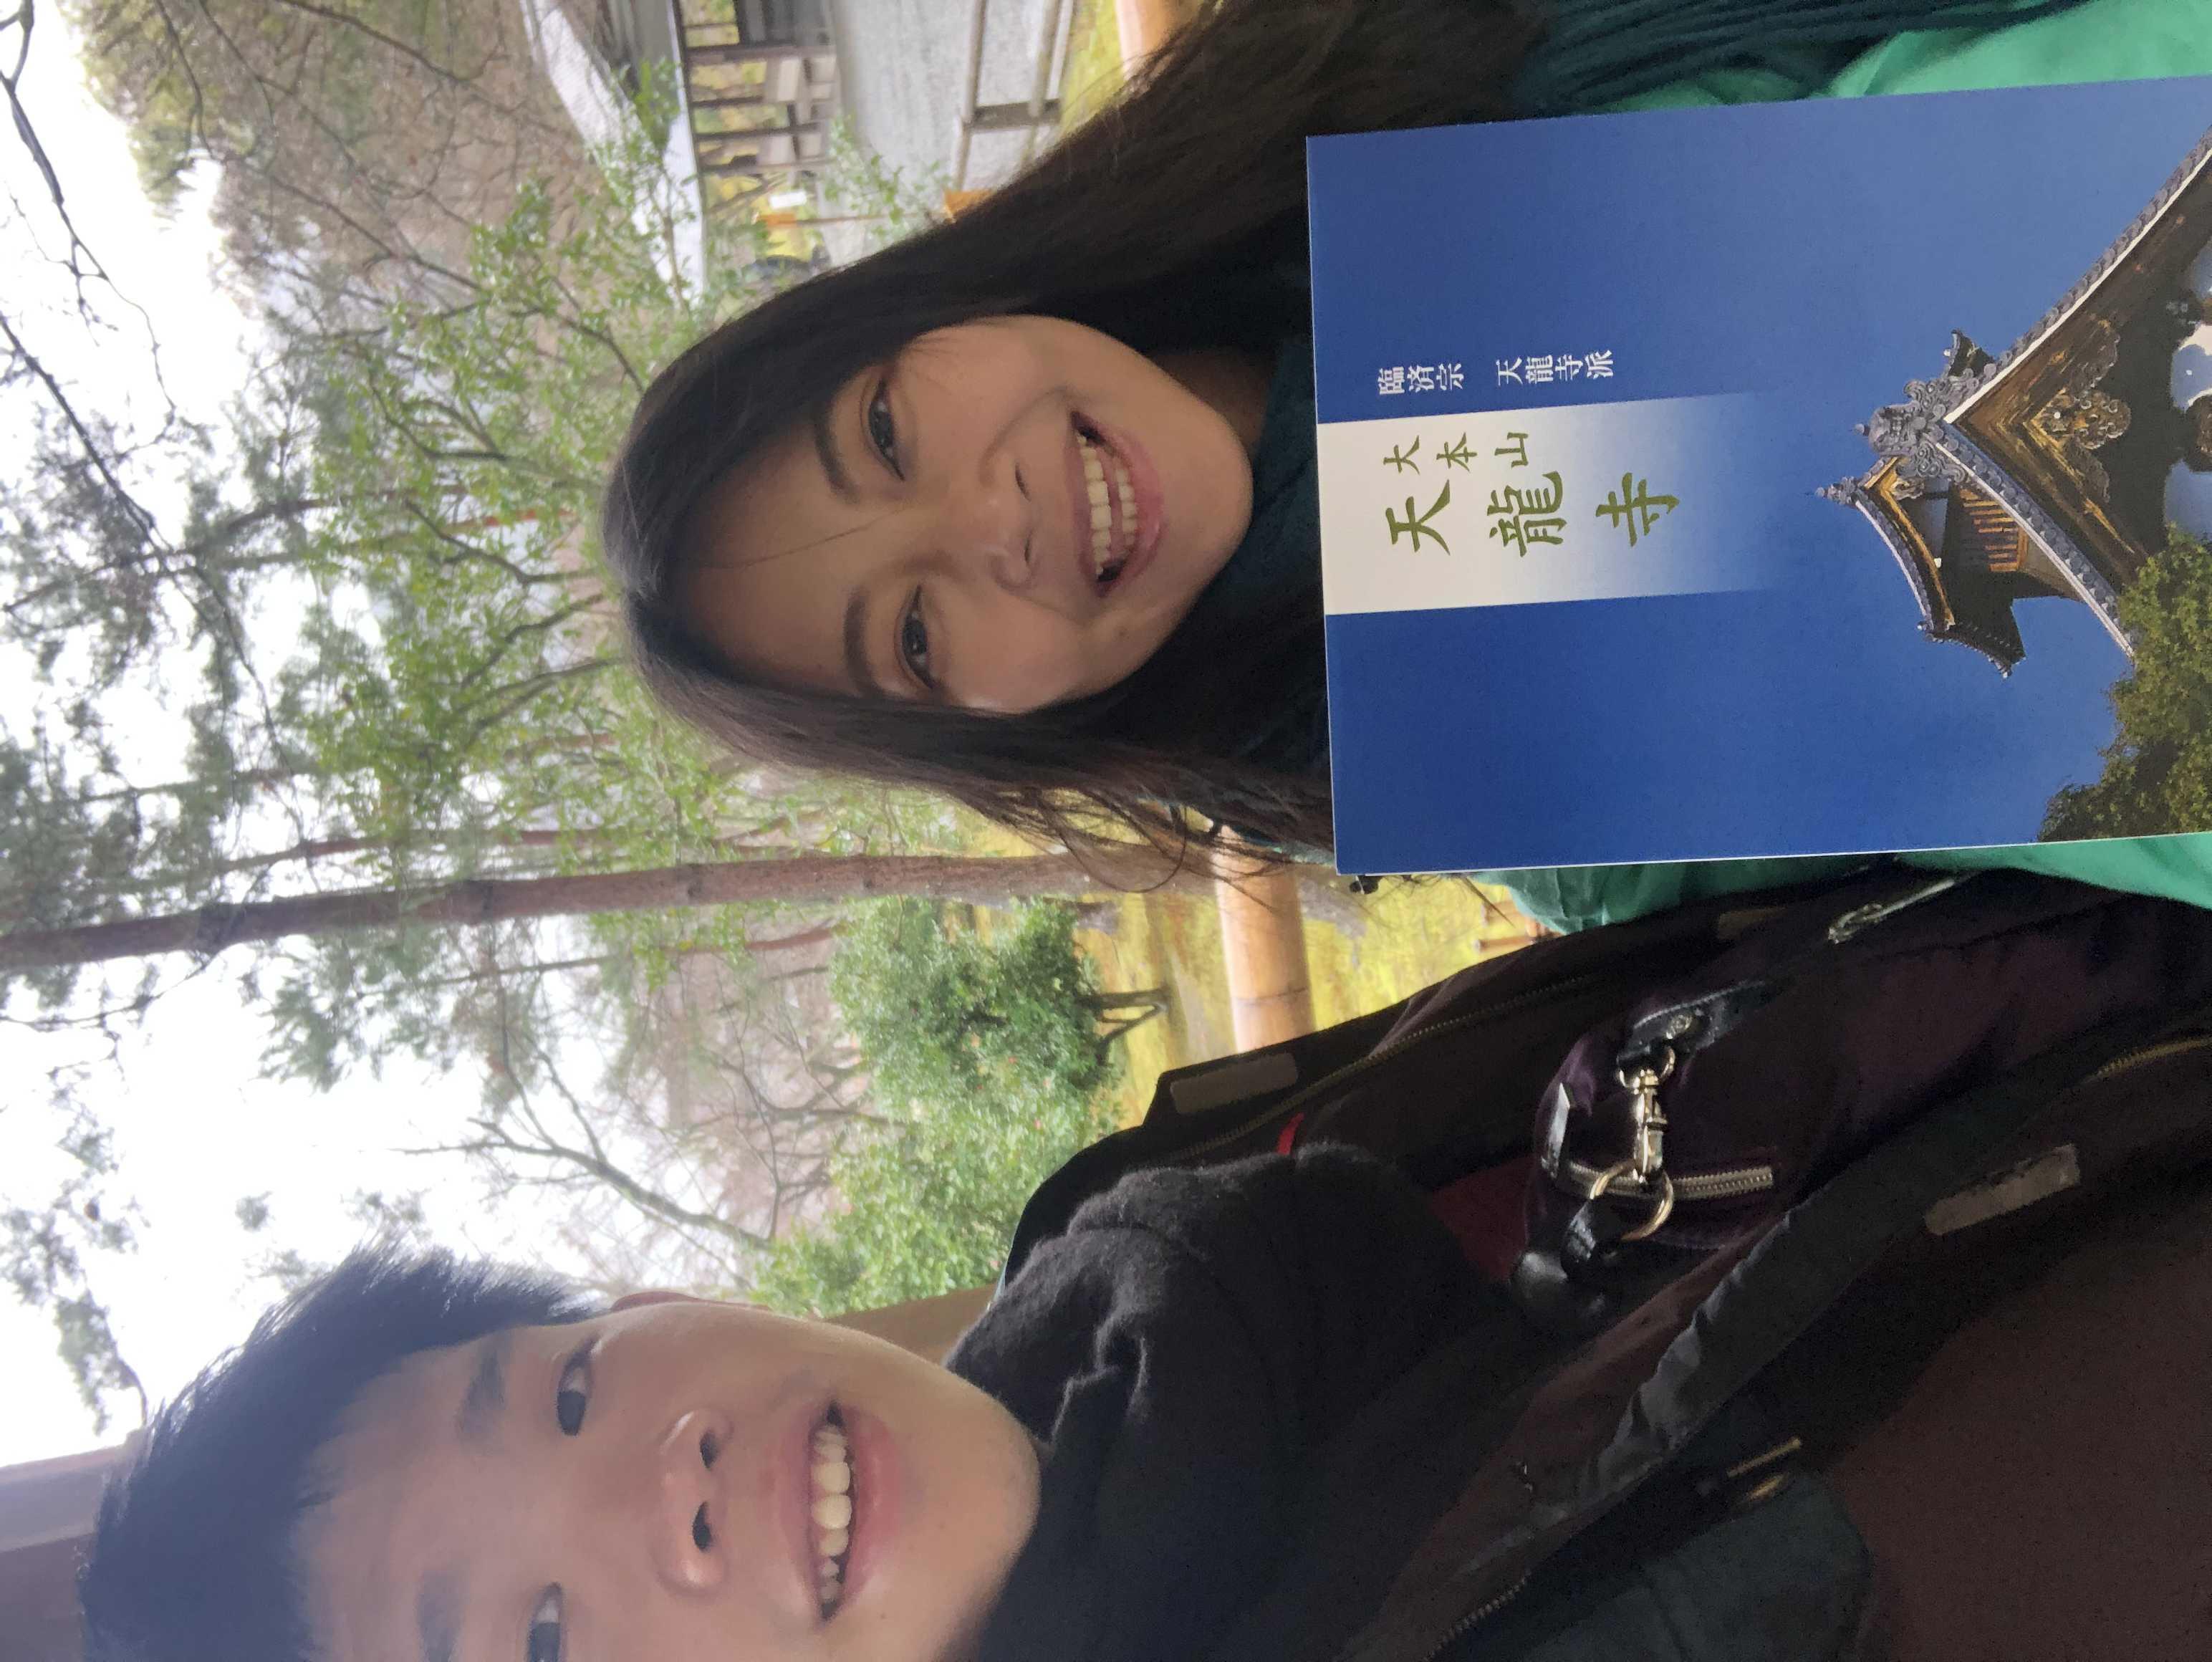 img 0797 - 世界文化遺產 天龍寺, 京都景點, 京都自由行, 天龍寺, 嵯峨嵐山景點